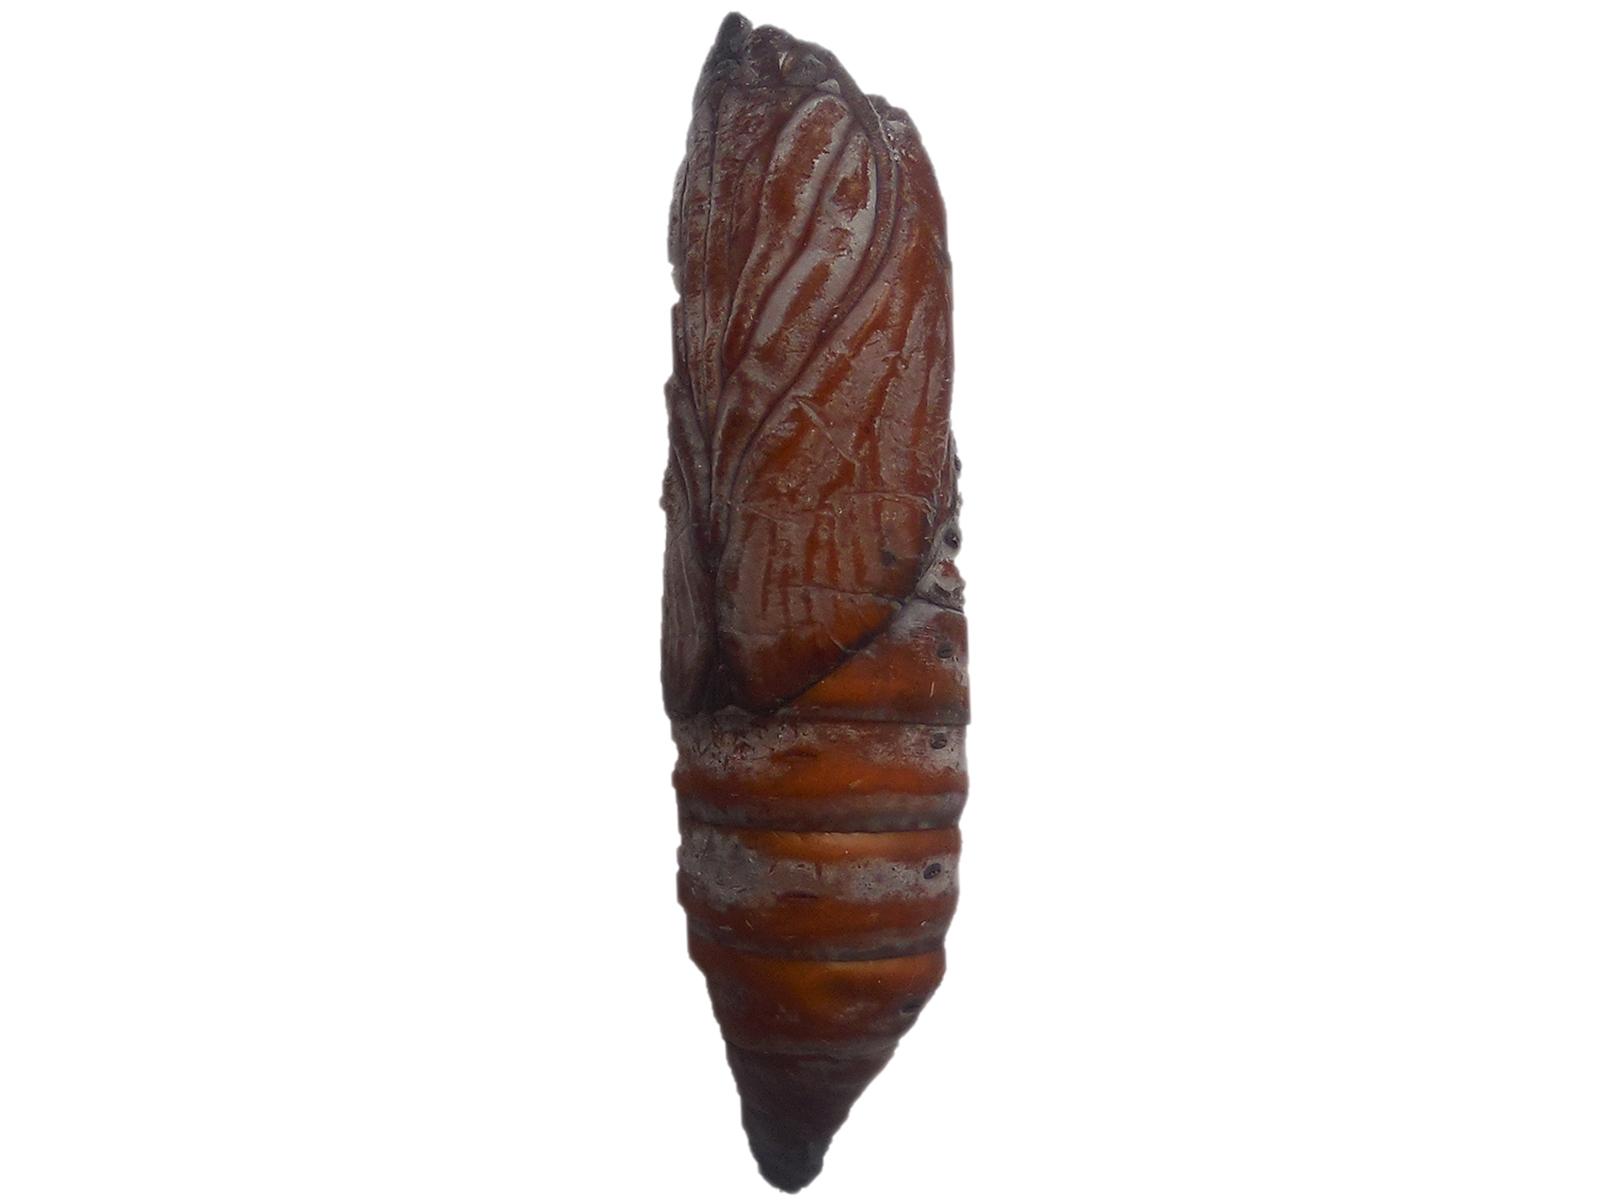 Myelobia smerintha (Hubner, 1821)